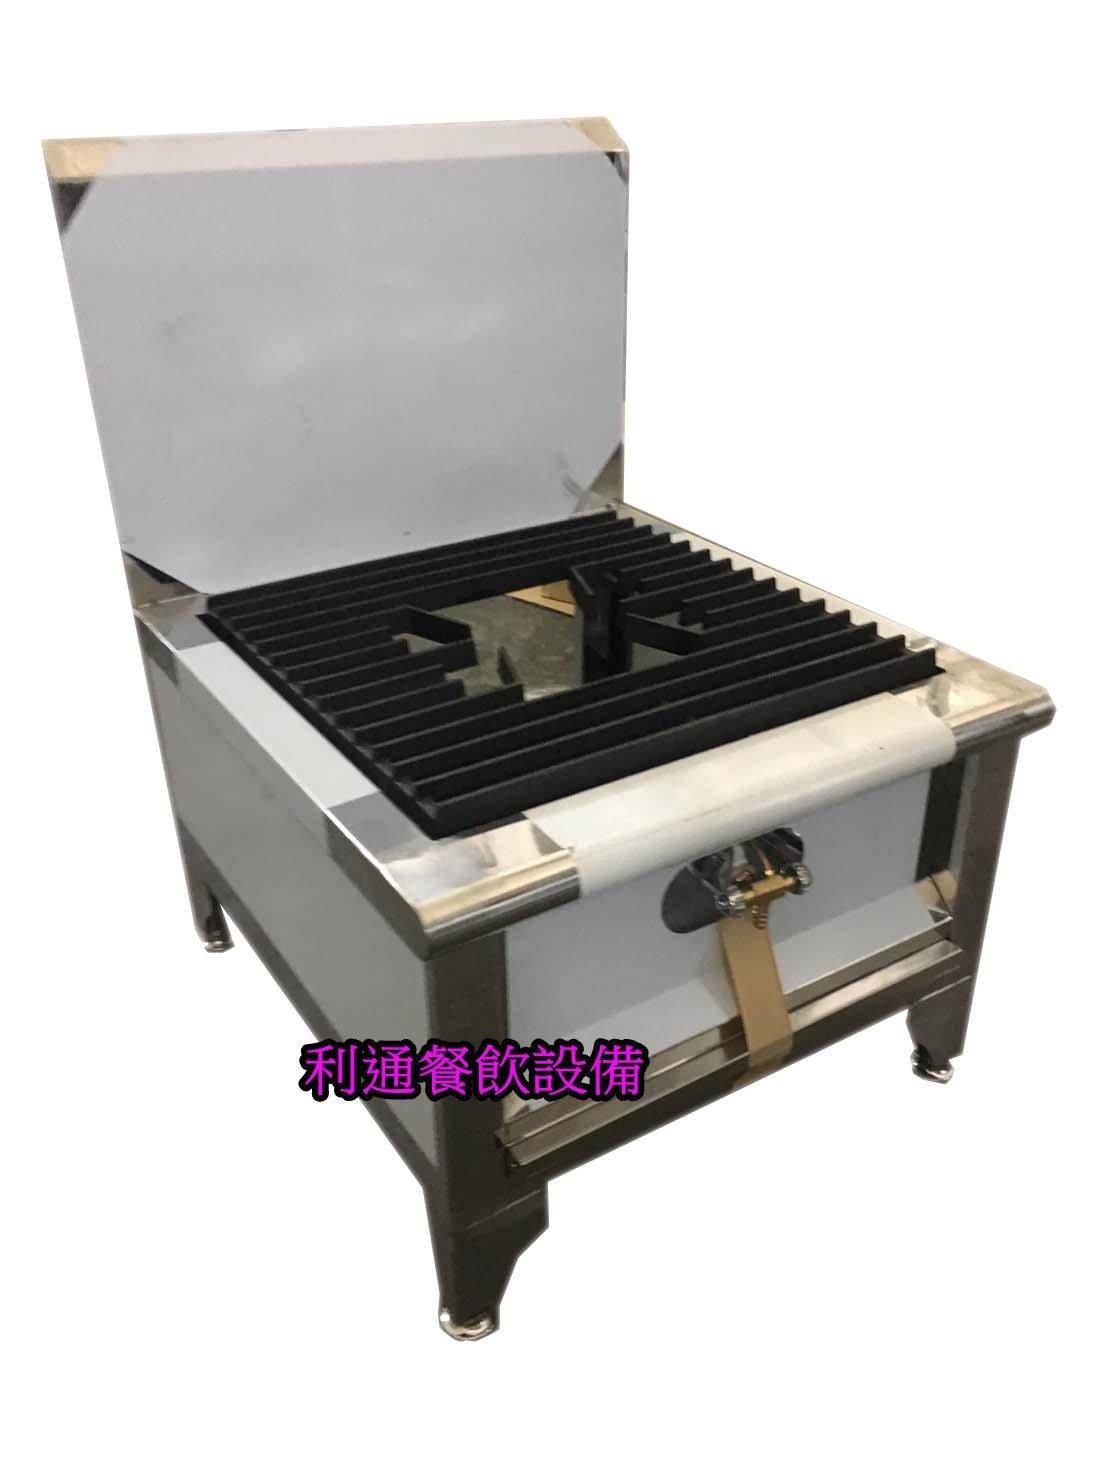 《利通餐飲設備》 厚板平口爐 單口 單口高湯爐 1口平口湯爐 一口熬湯鍋 湯桶爐架